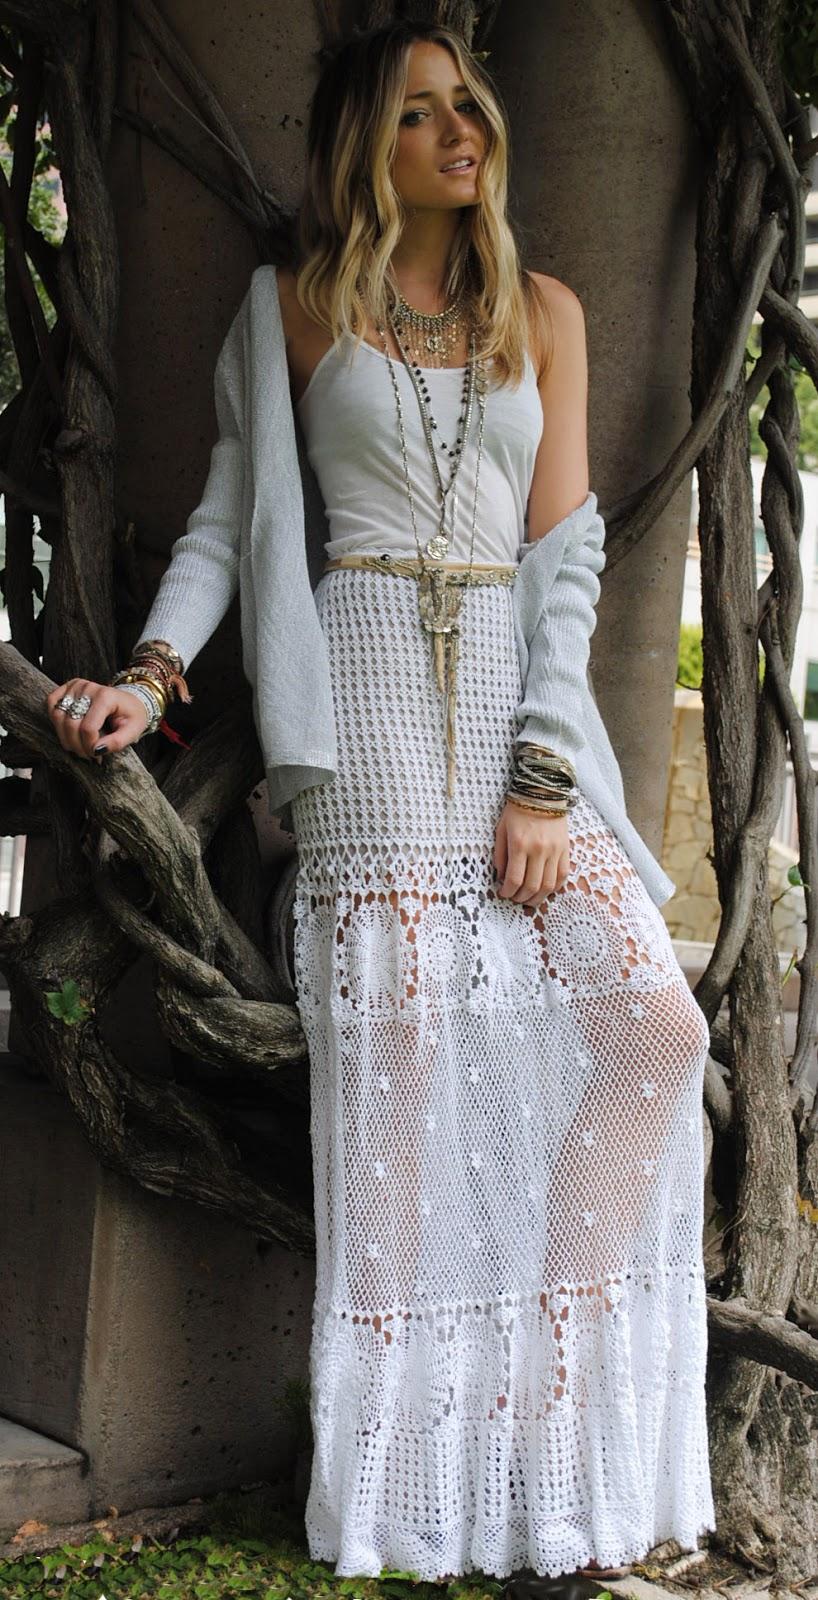 518e623c68a Lacey crafts, by Liina: Long crochet skirt - pikk heegeldatud seelik